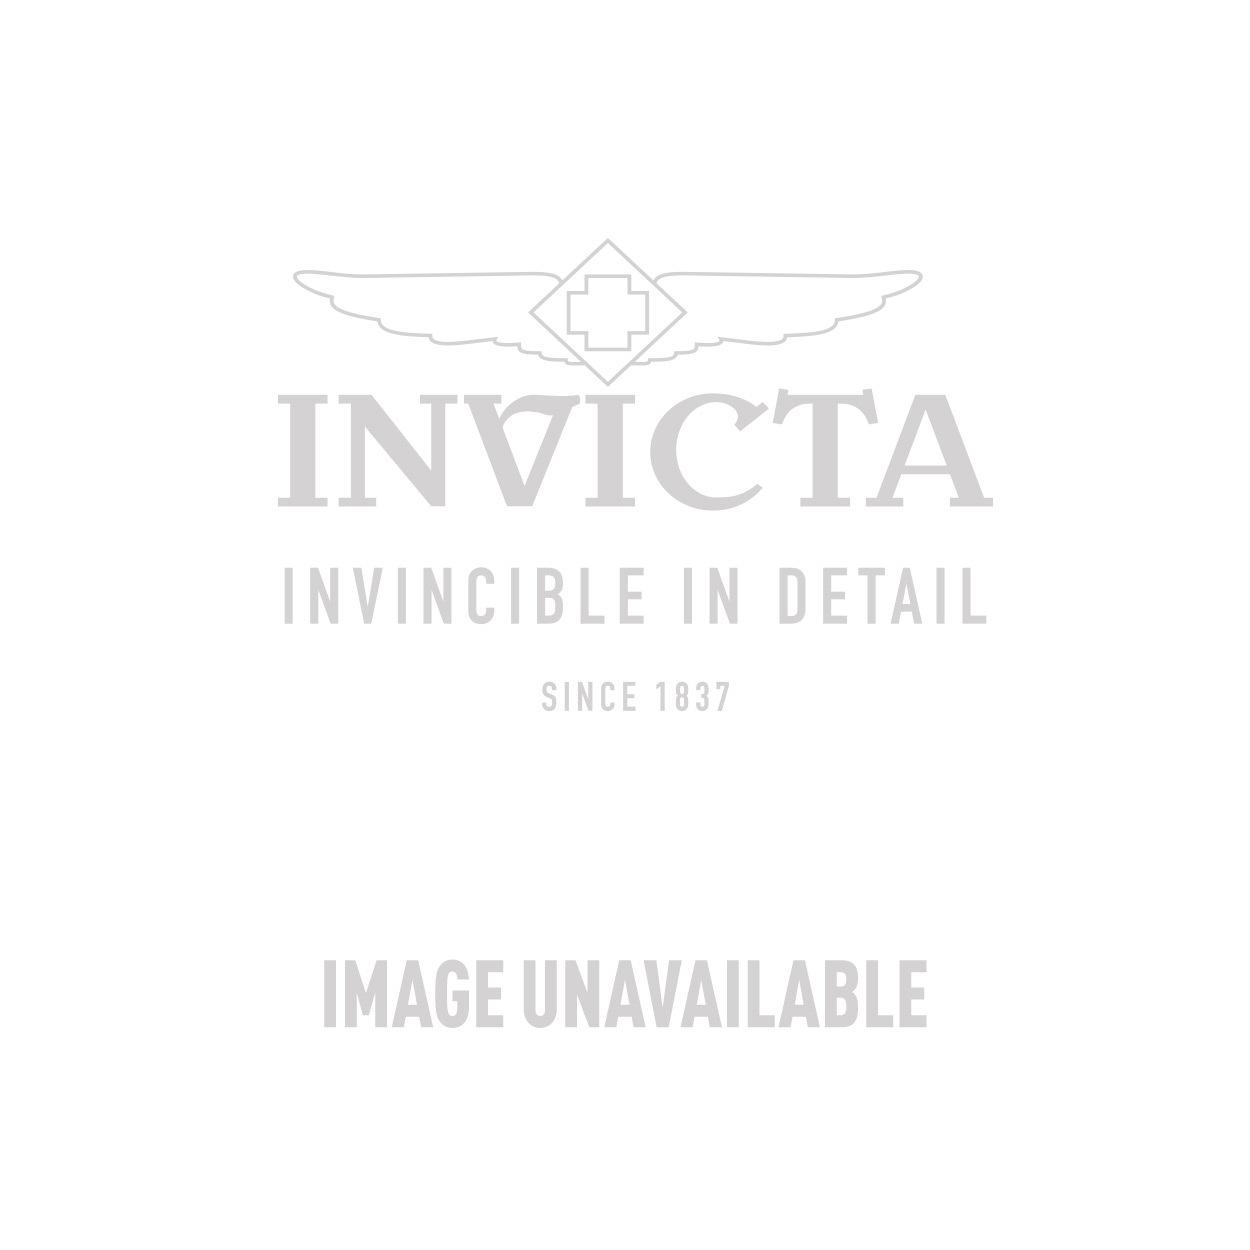 Invicta Model 25148